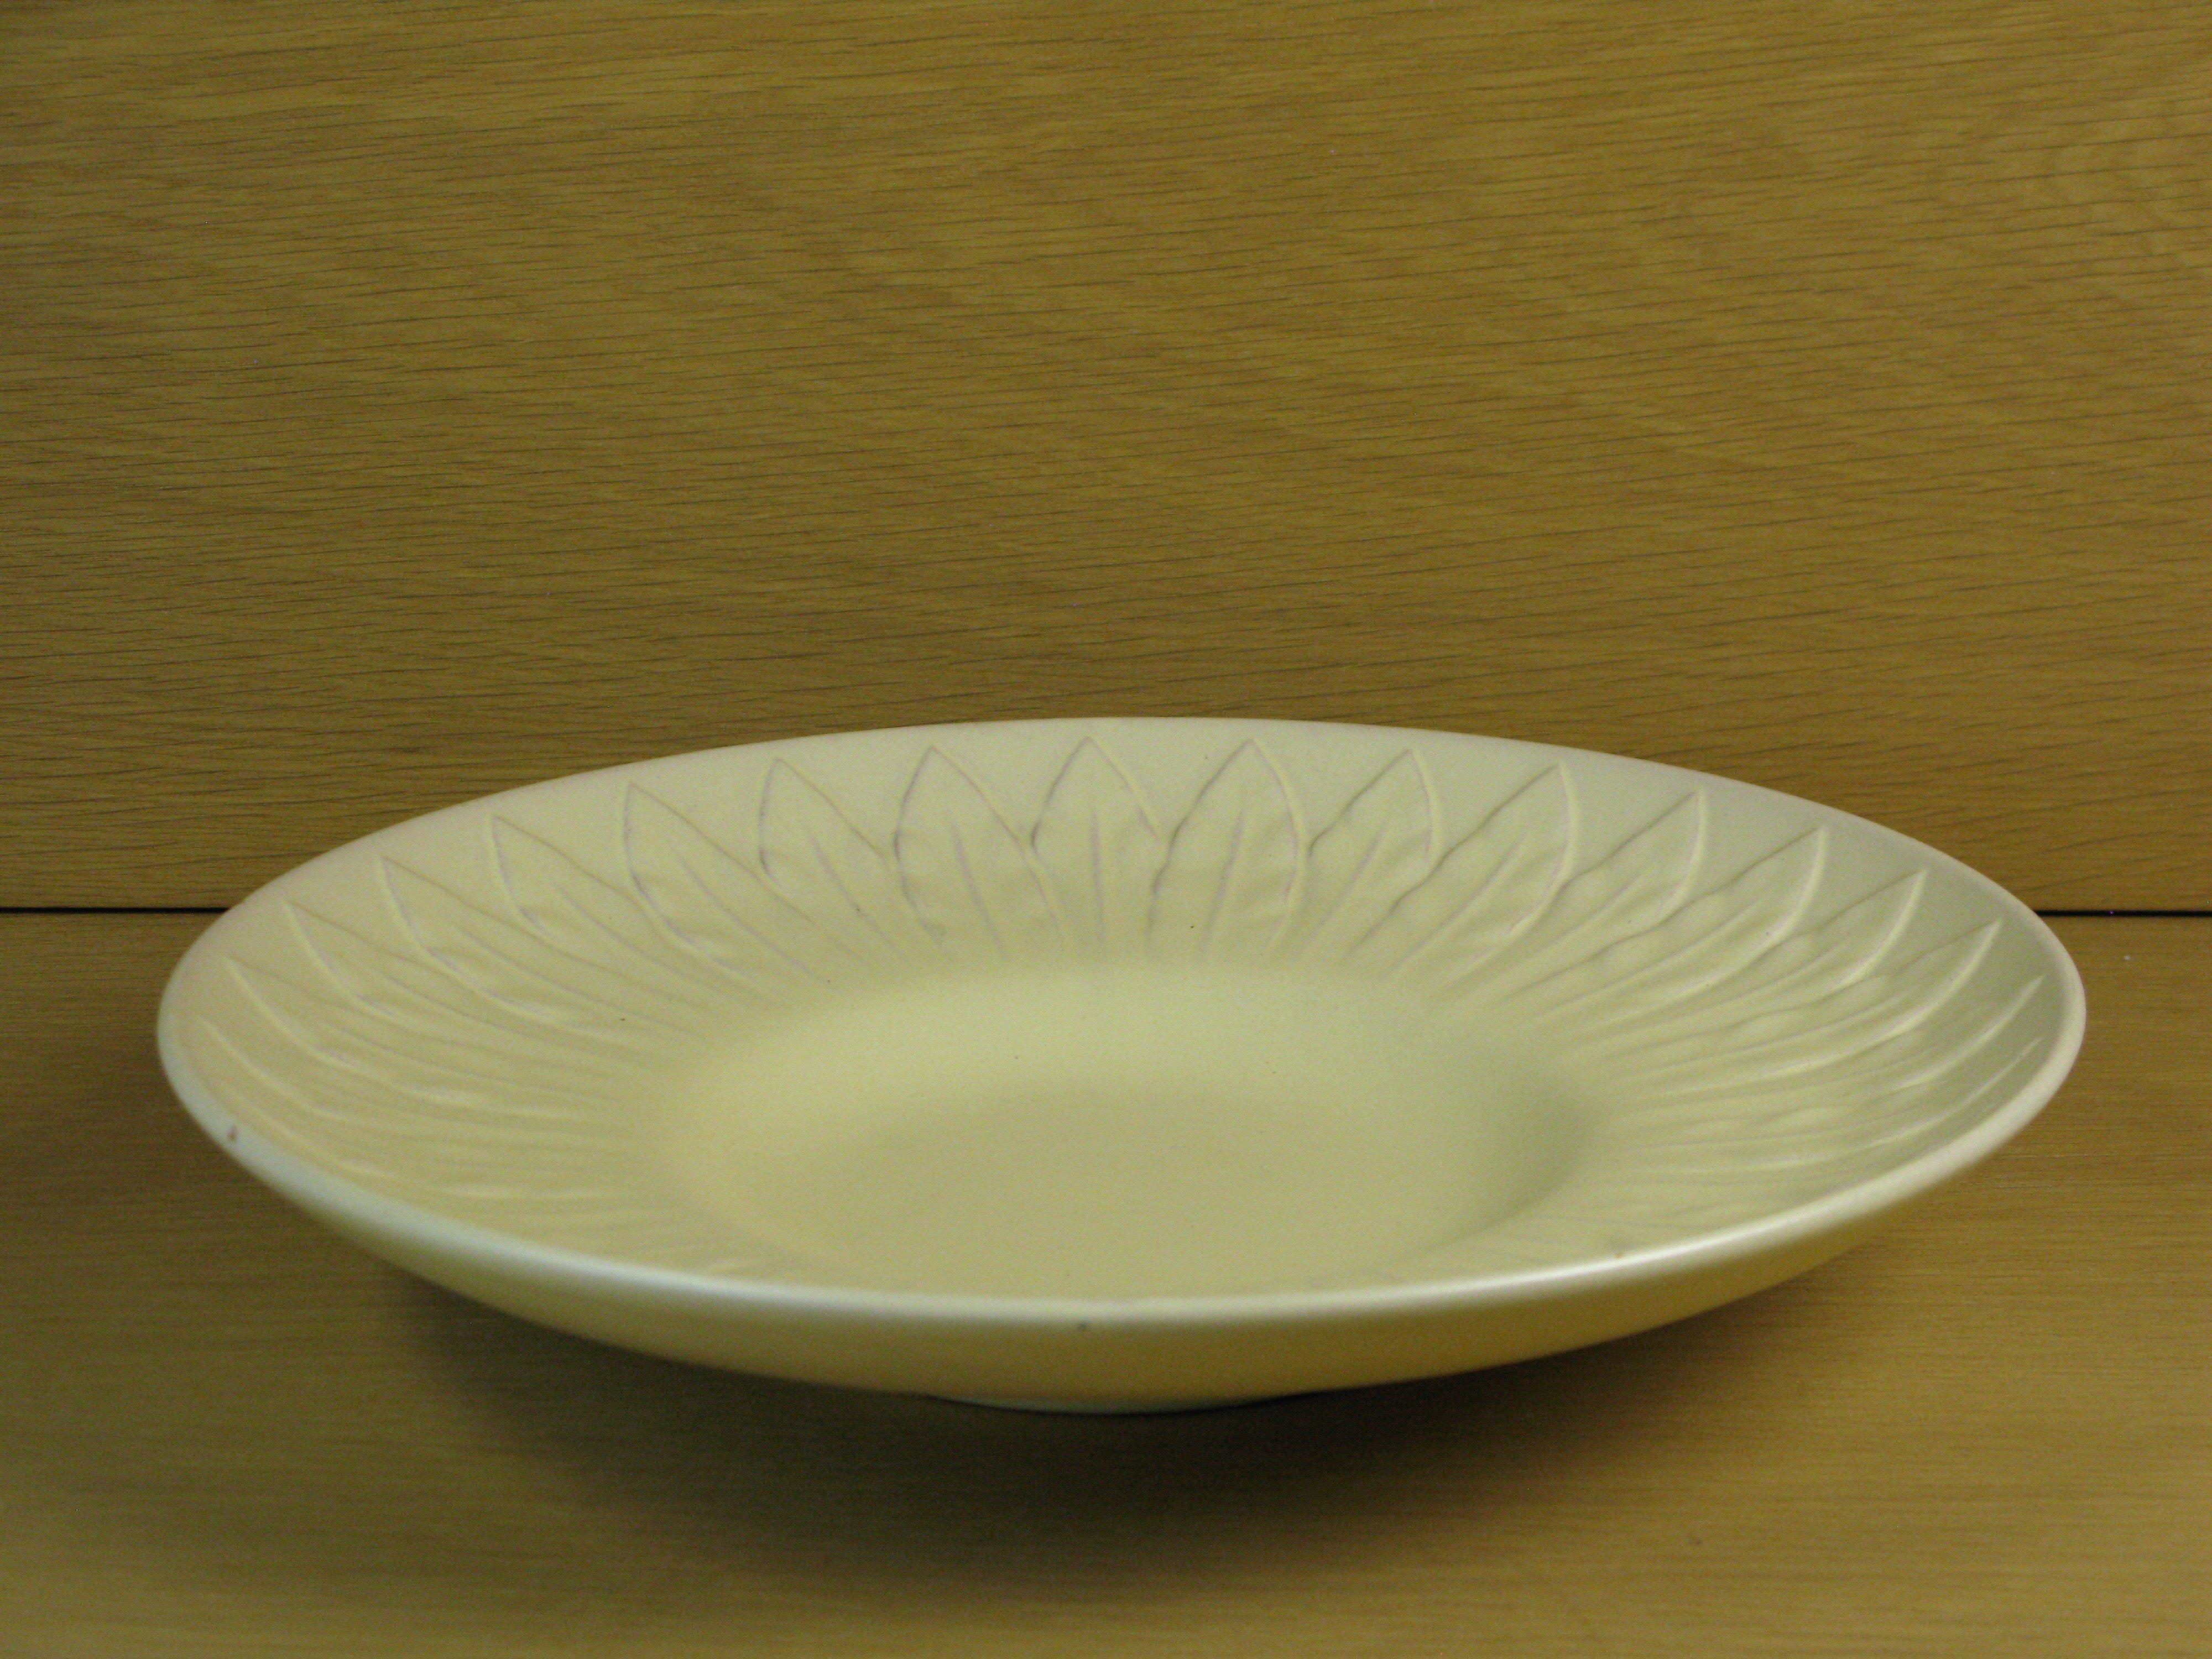 Vanilla lancett bowl 284